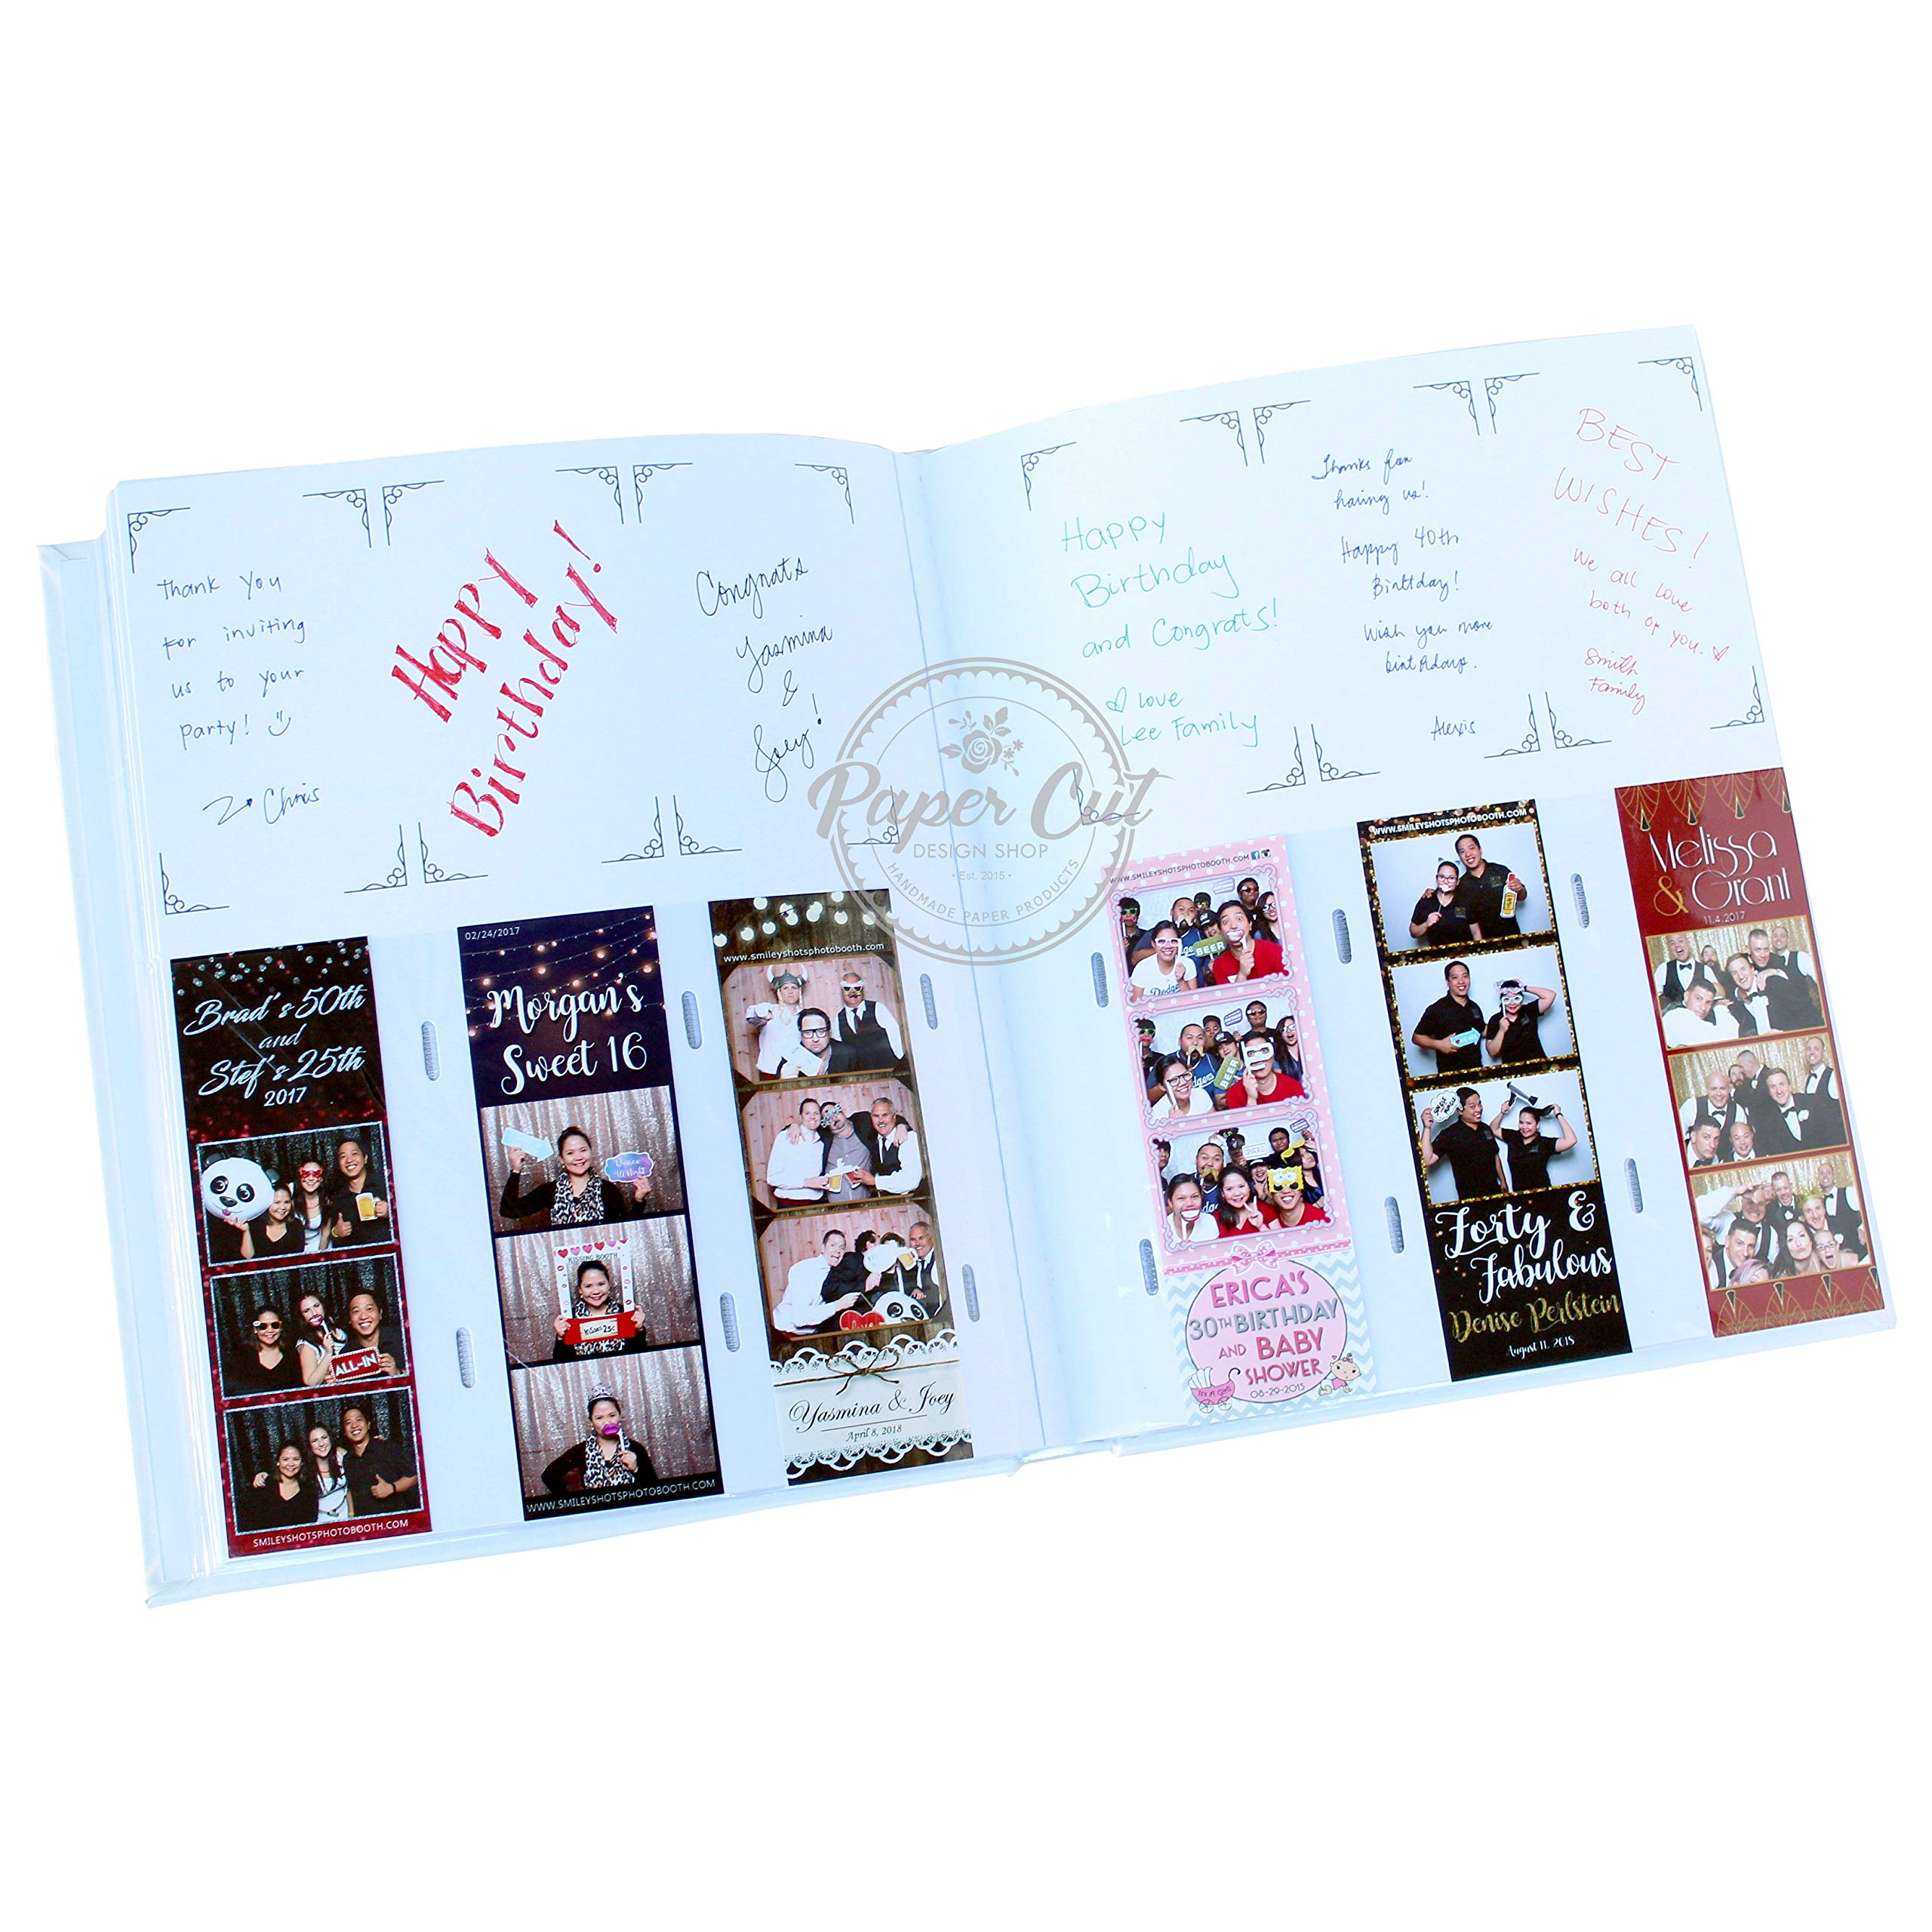 Paper Cut Design Shop Photo Booth Album Slip in Photo Booth Album Slip-in Plastic Slots with Storage Box Elegant Leatherette Album 2x6 Photos - White by Paper Cut Design Shop